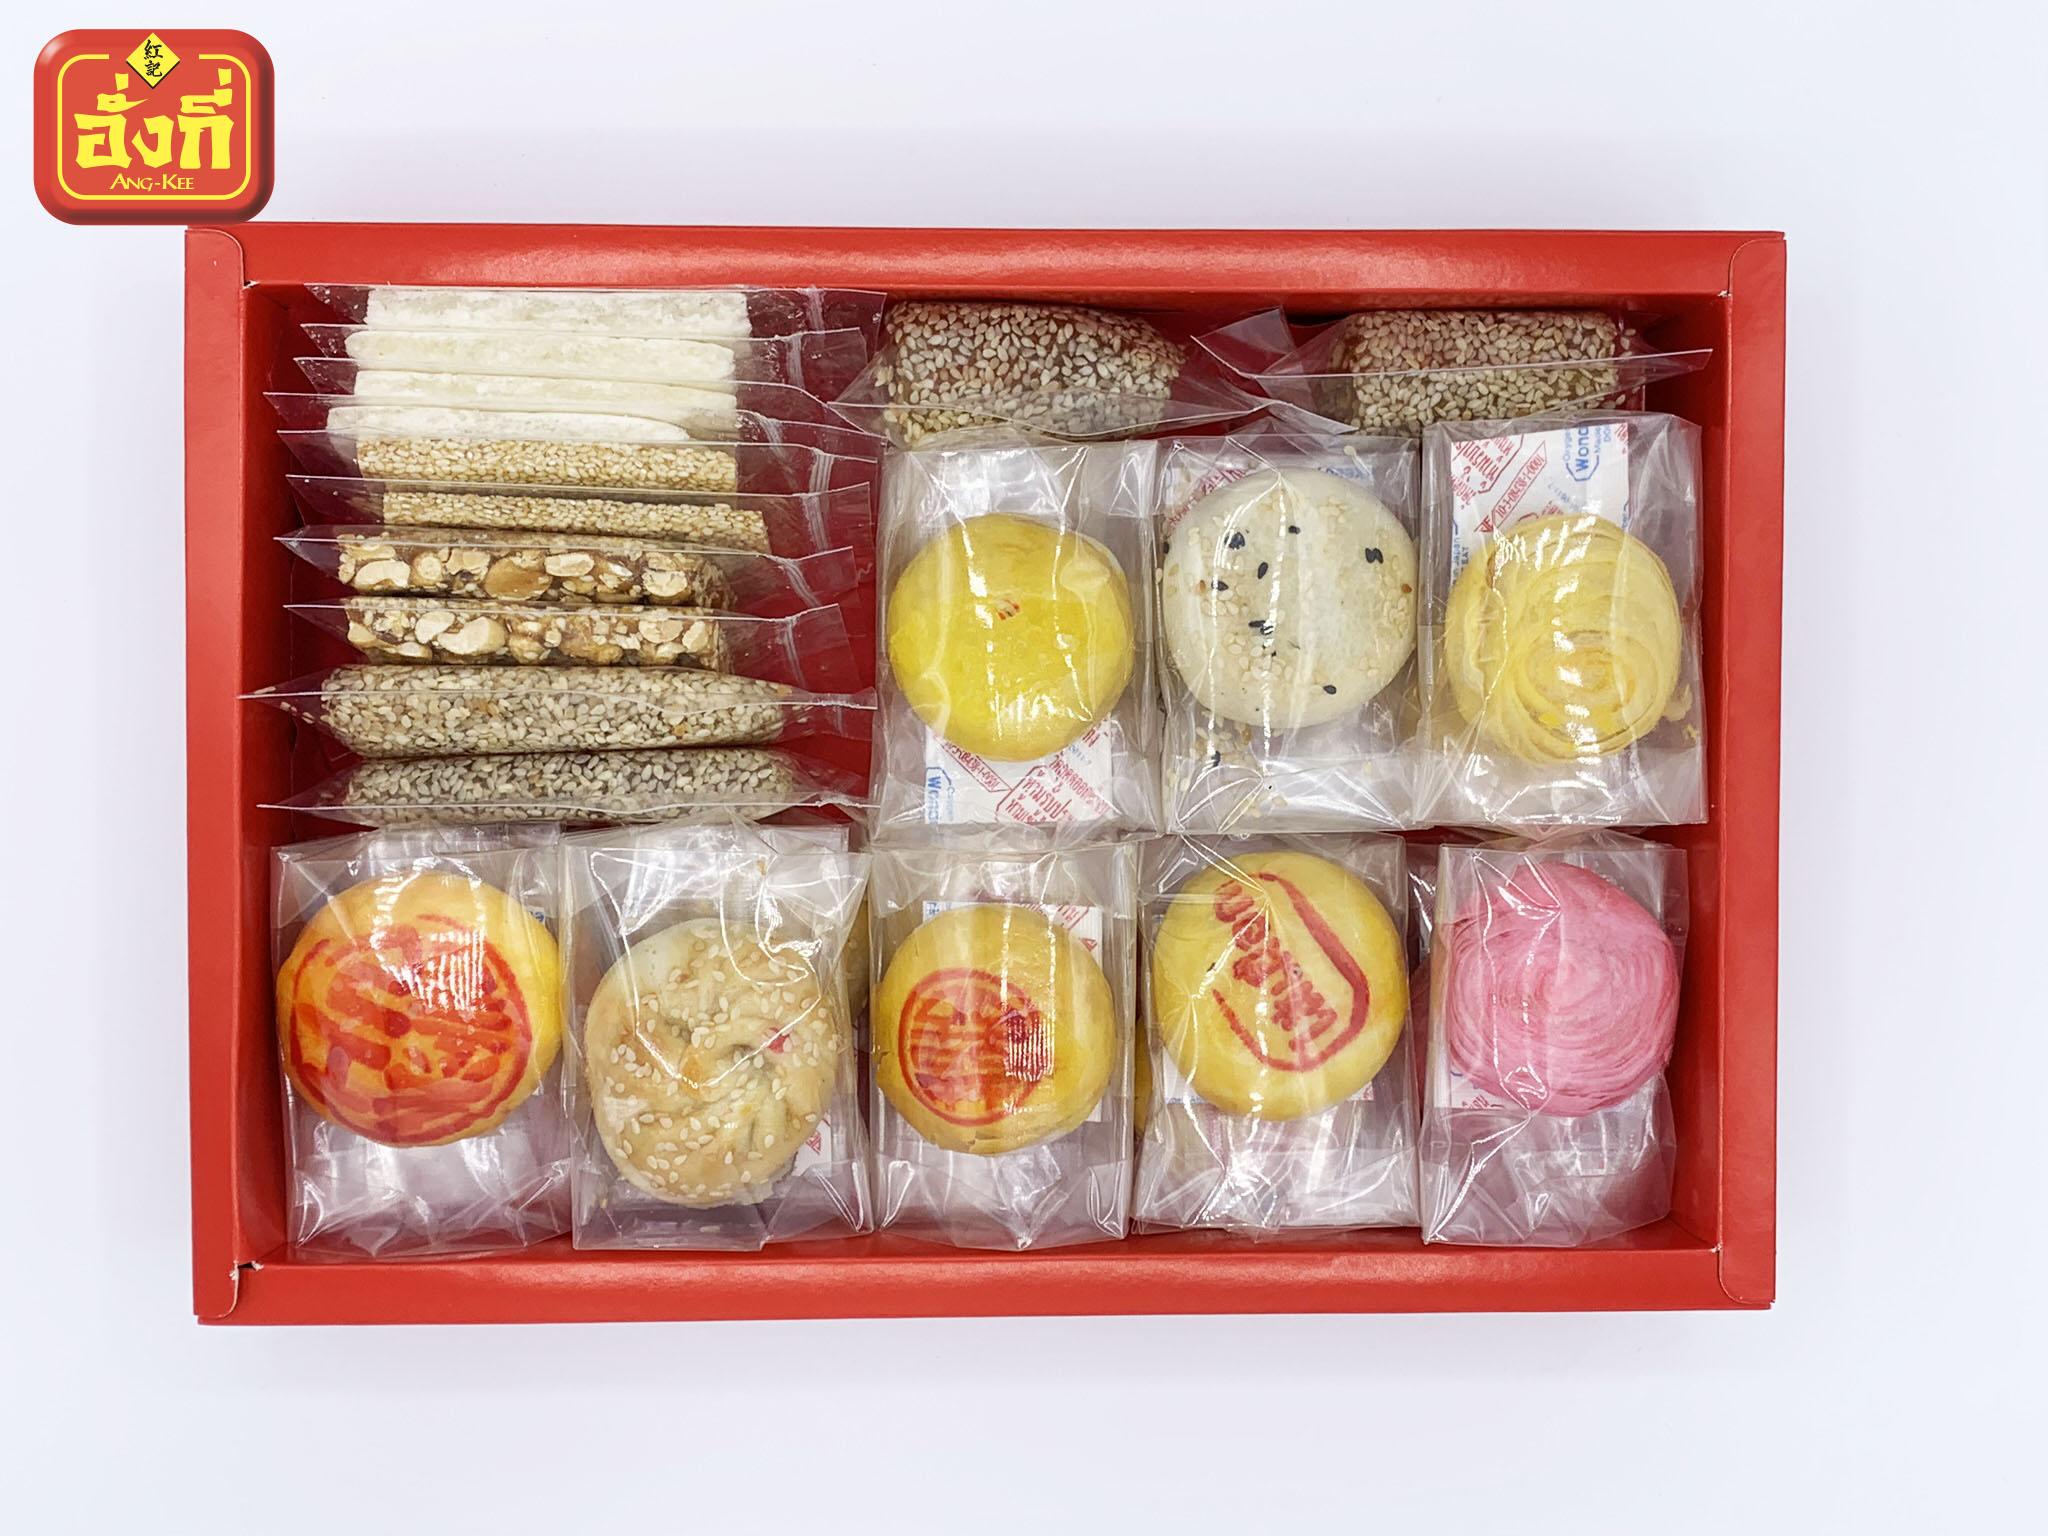 สี่เส็กทึ้ง ขนมในกล่องมีอะไรบ้าง ขนมมงคลใช้ในพิธีงานแต่ง ยกน้ำชา